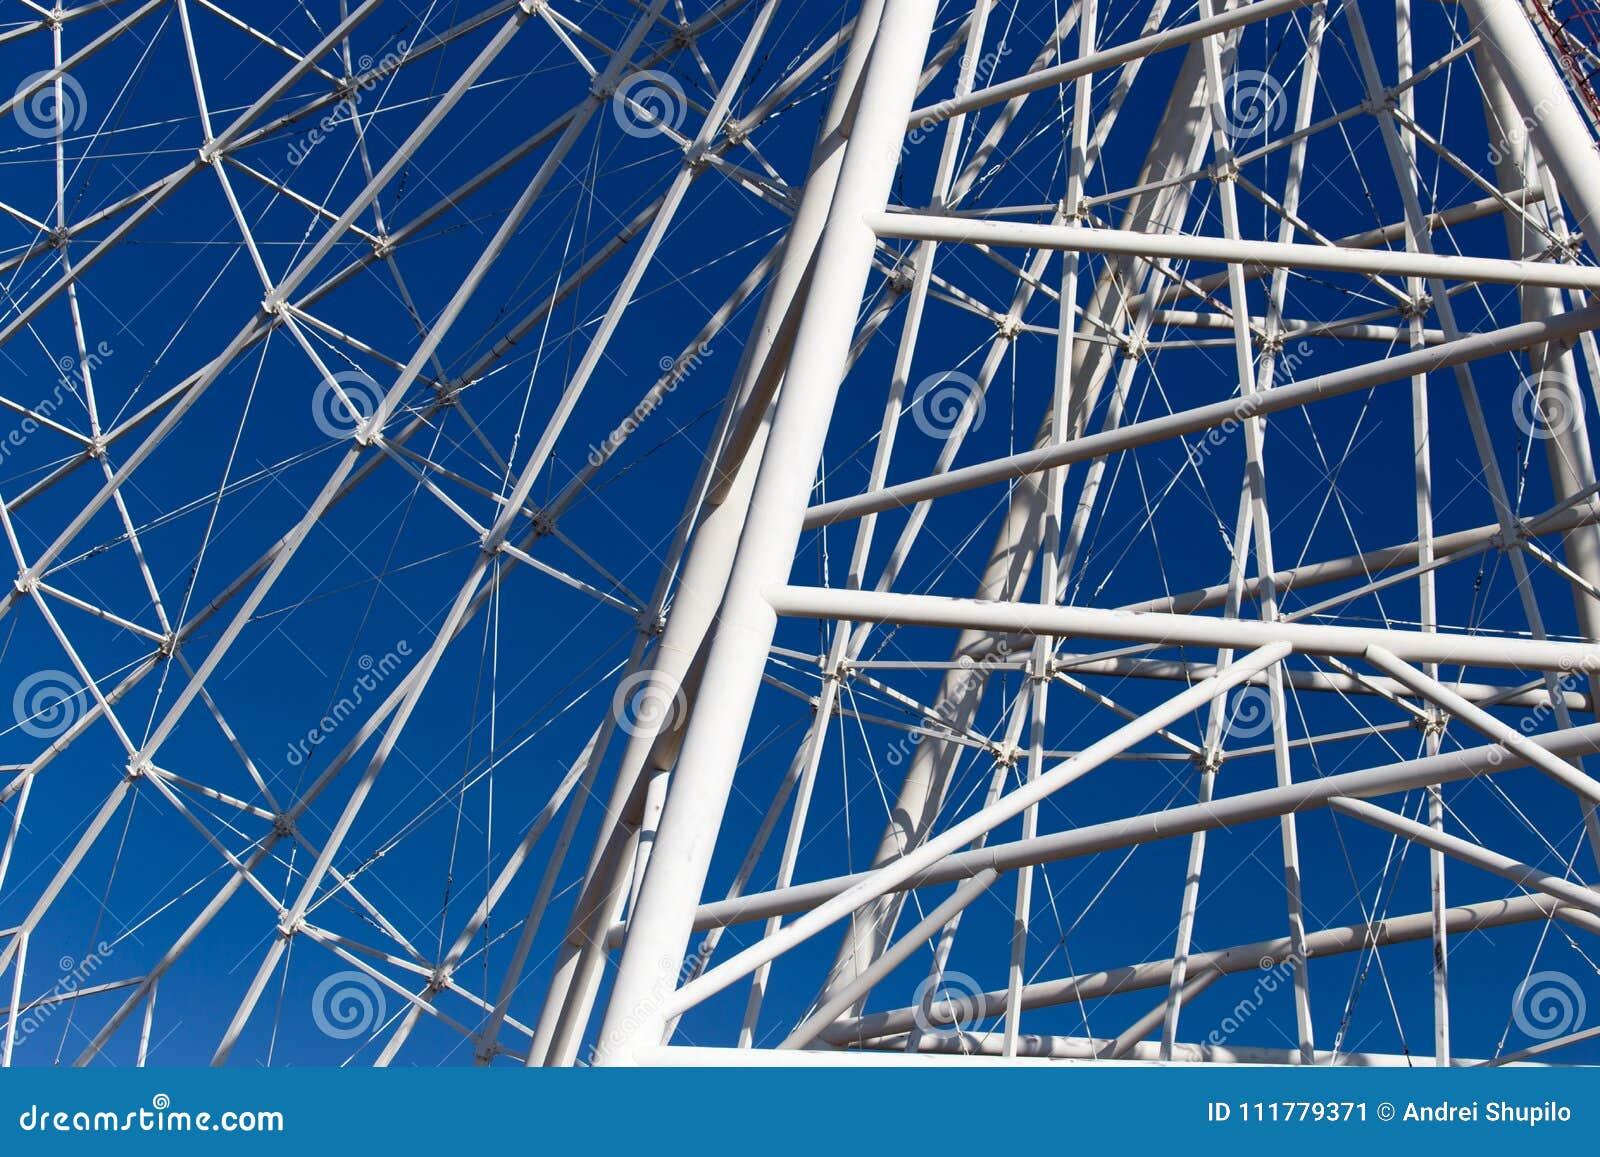 Metal Ferris wheel against the blue sky